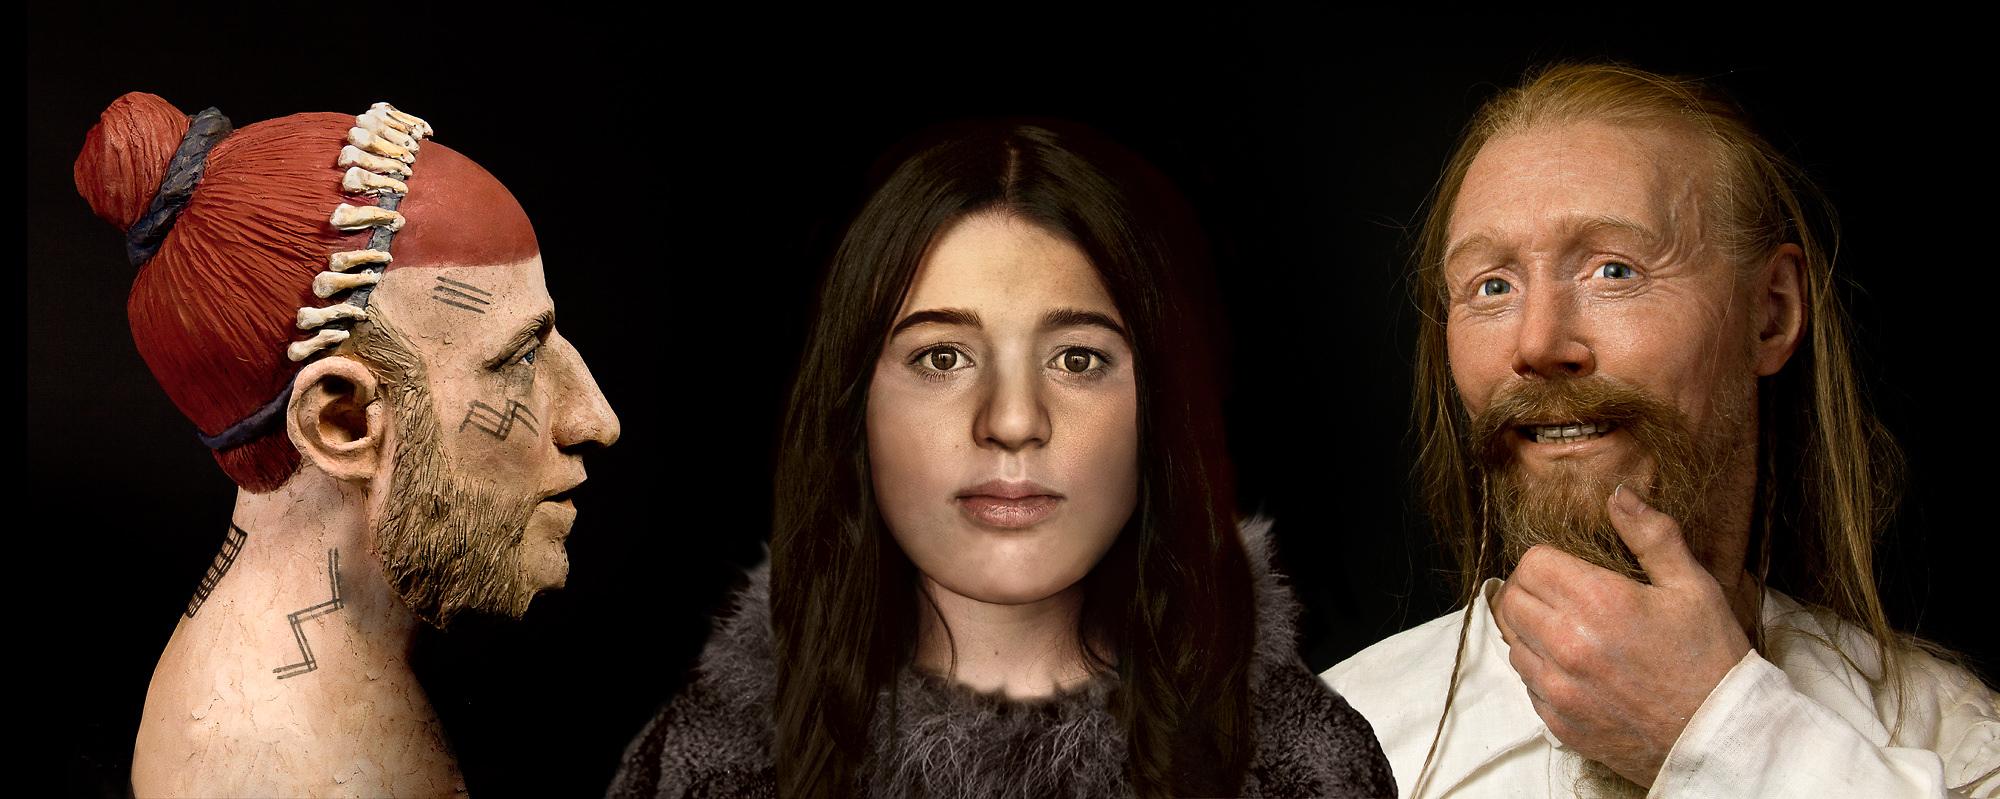 Tre individer i utställningen Öga mot Öga. Skulpturen till vänster är gjord av Gert Germerad. Kvinnan är gestaltad av Callum Reid vid Dundee universitet och vikingen till höger är gjord av Oscar Nilsson.